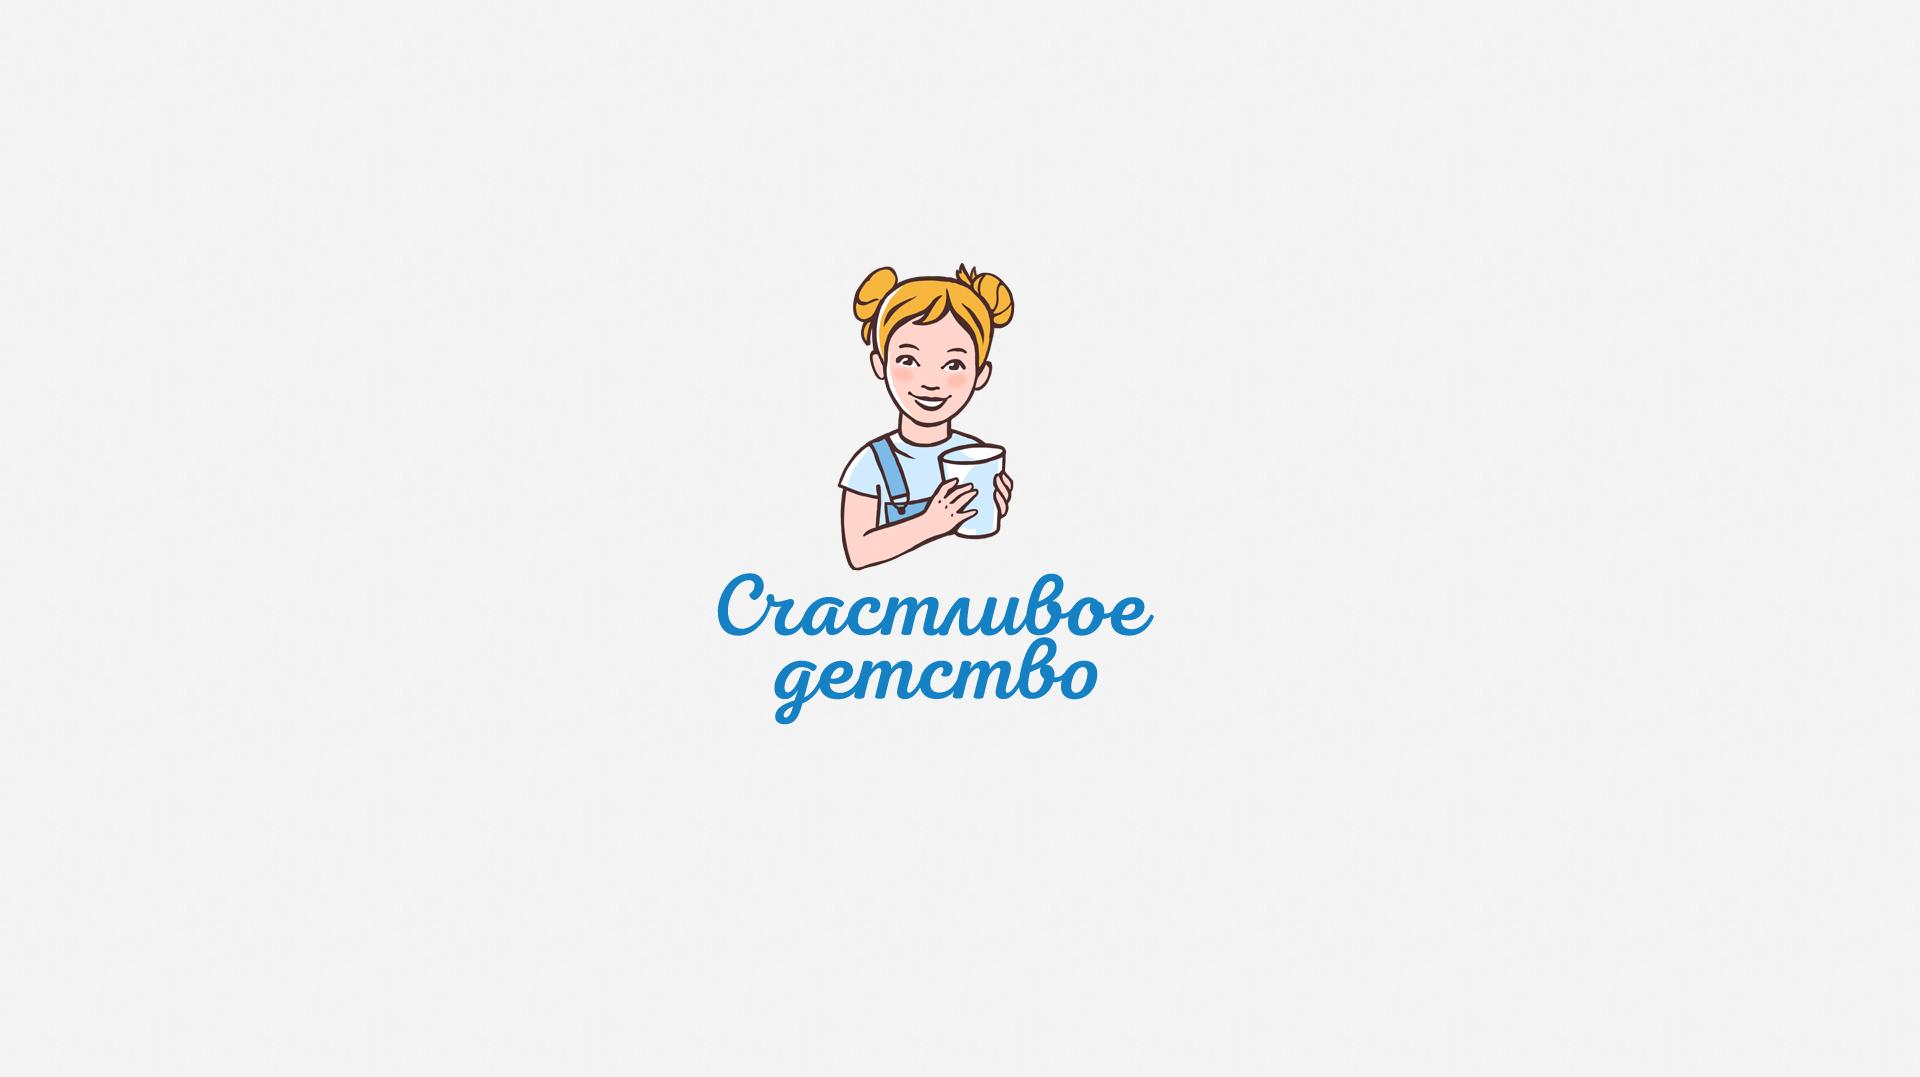 Создание бренда молочной продукции «Счастливое детство»: нейминг, дизайн логотипа, фирменный стиль, дизайн упаковки.